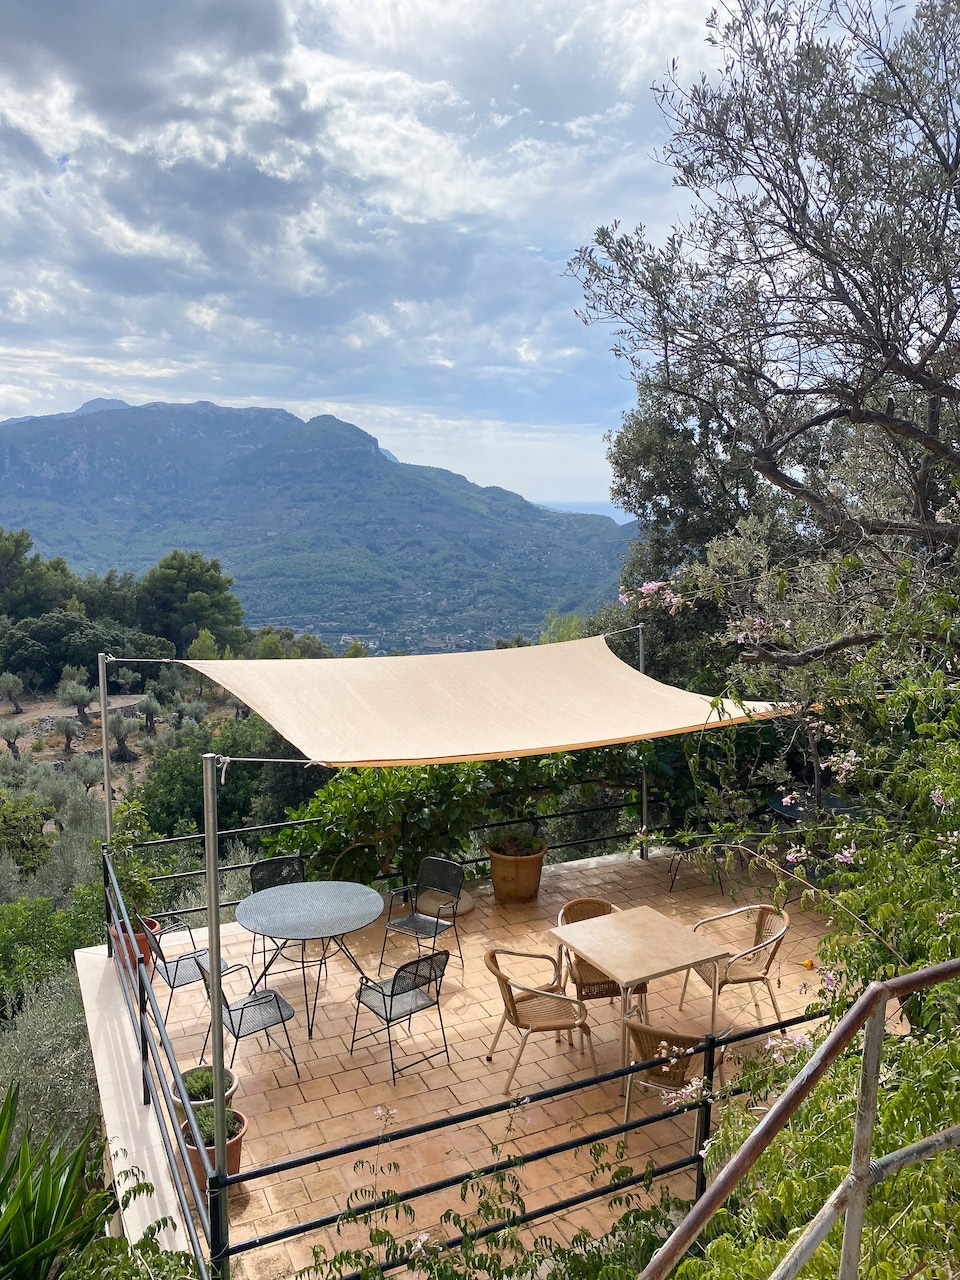 Restaurant Mirador ses Barques - eten in de bergen